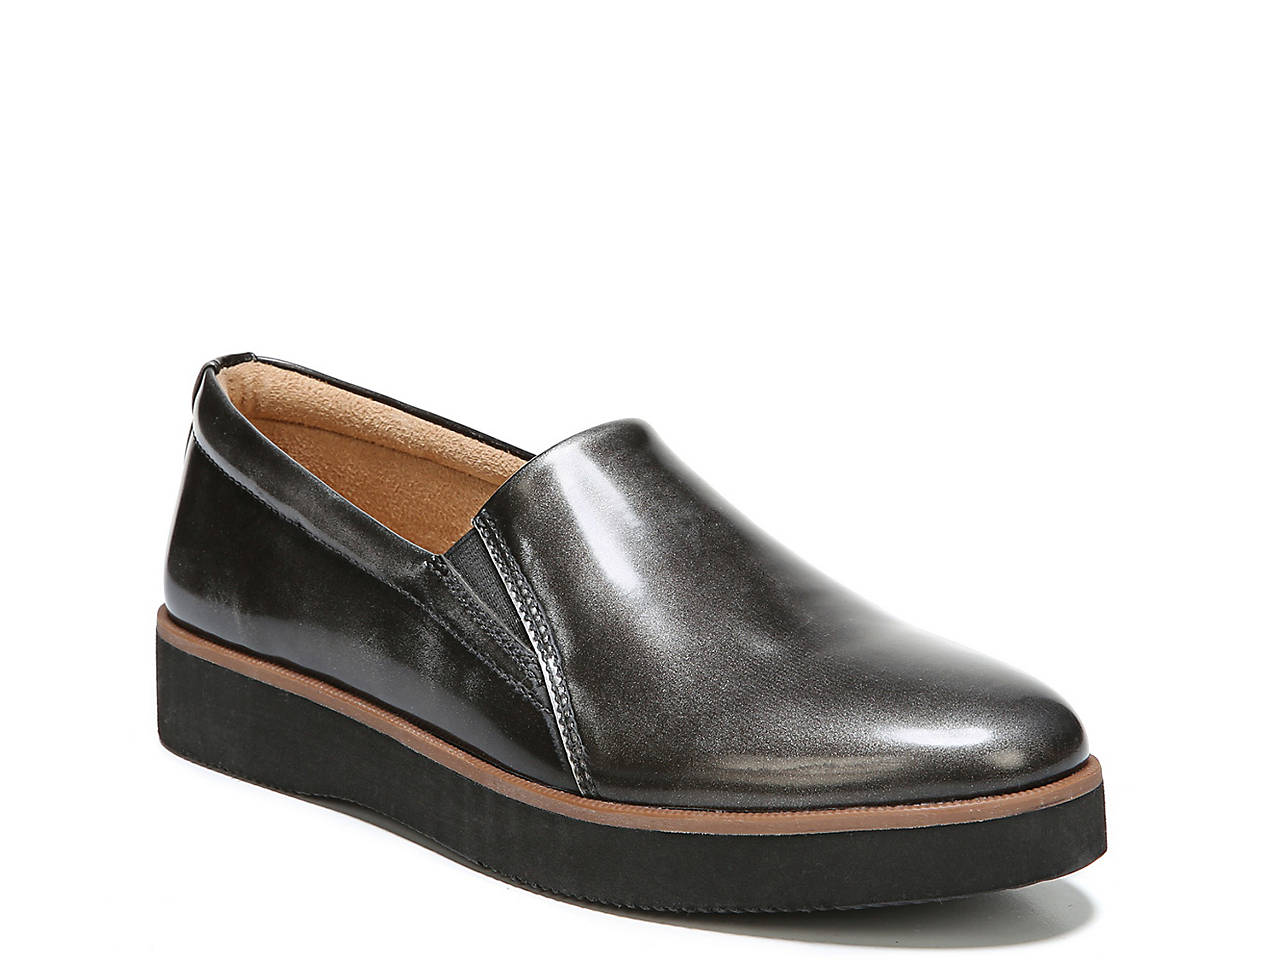 de5a475a002 Naturalizer Zophie Slip-On Women s Shoes